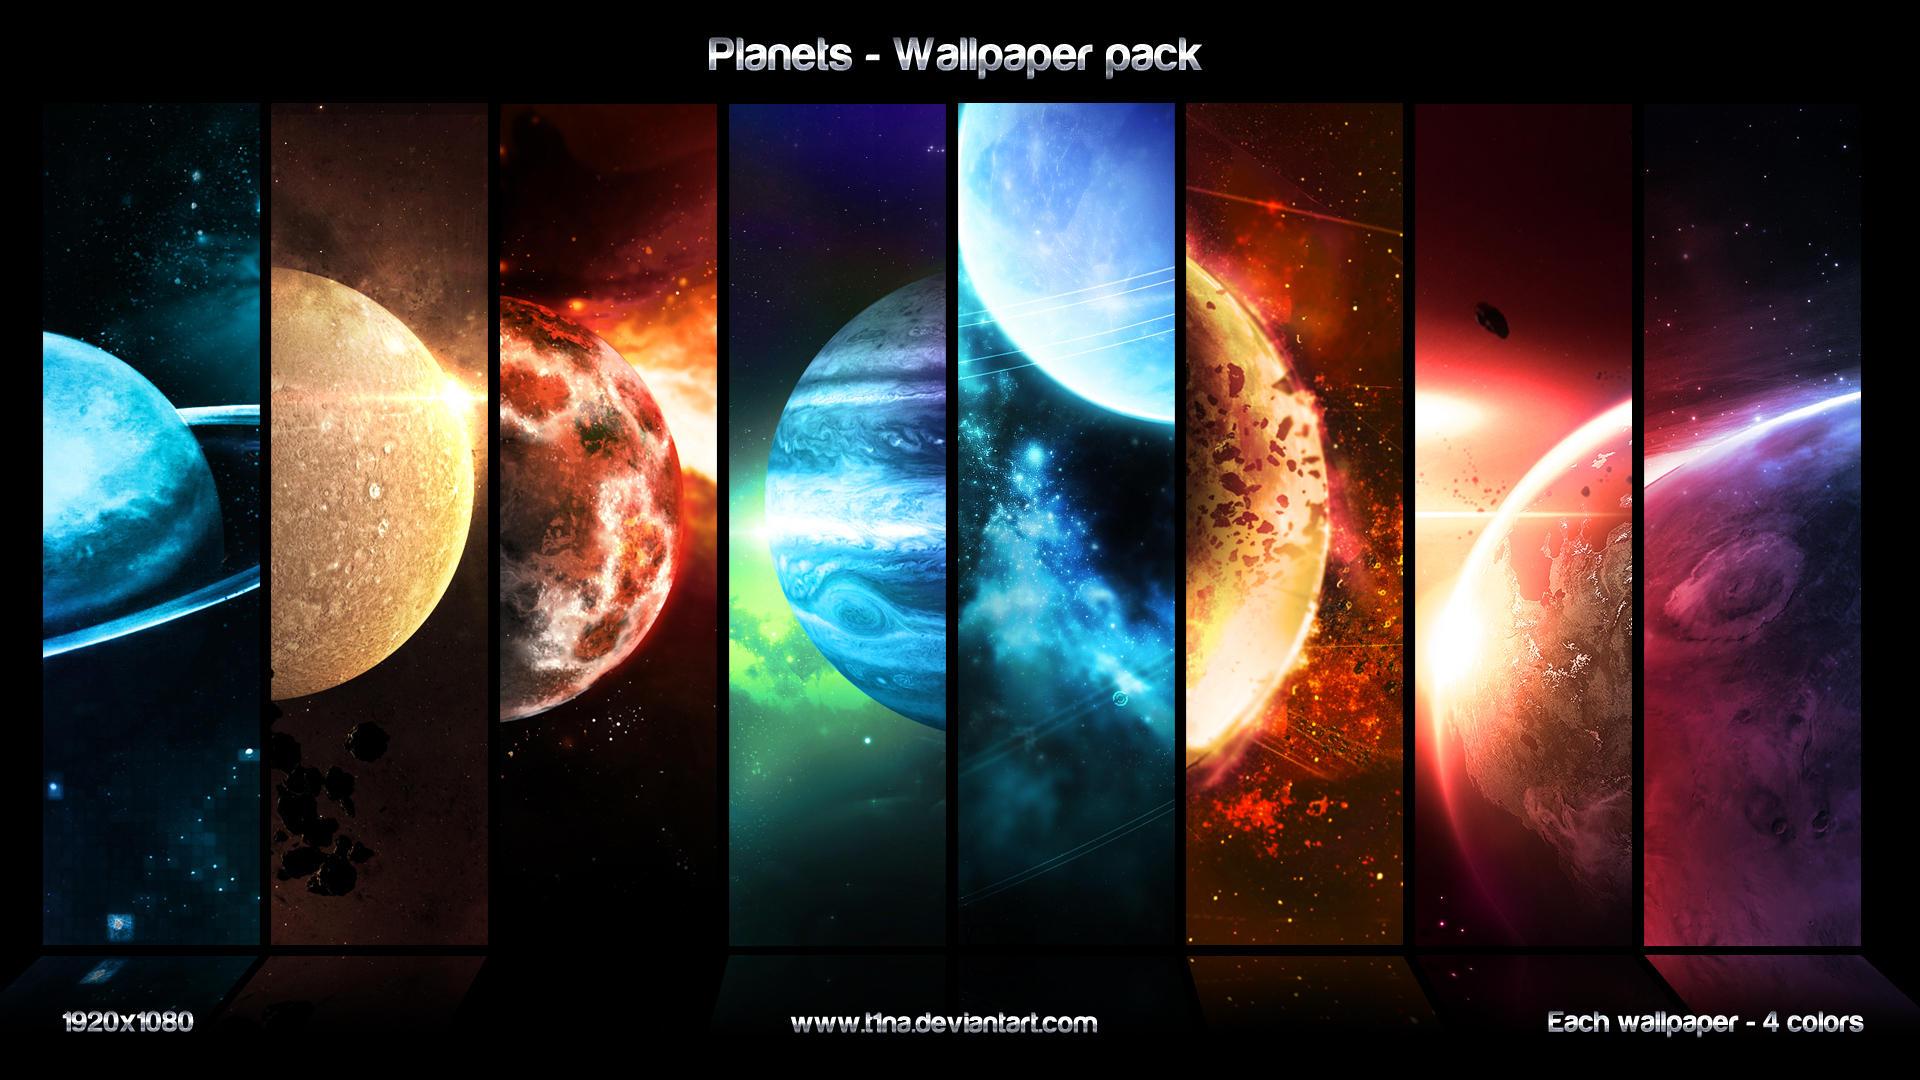 それぞれの惑星の縦割り画像